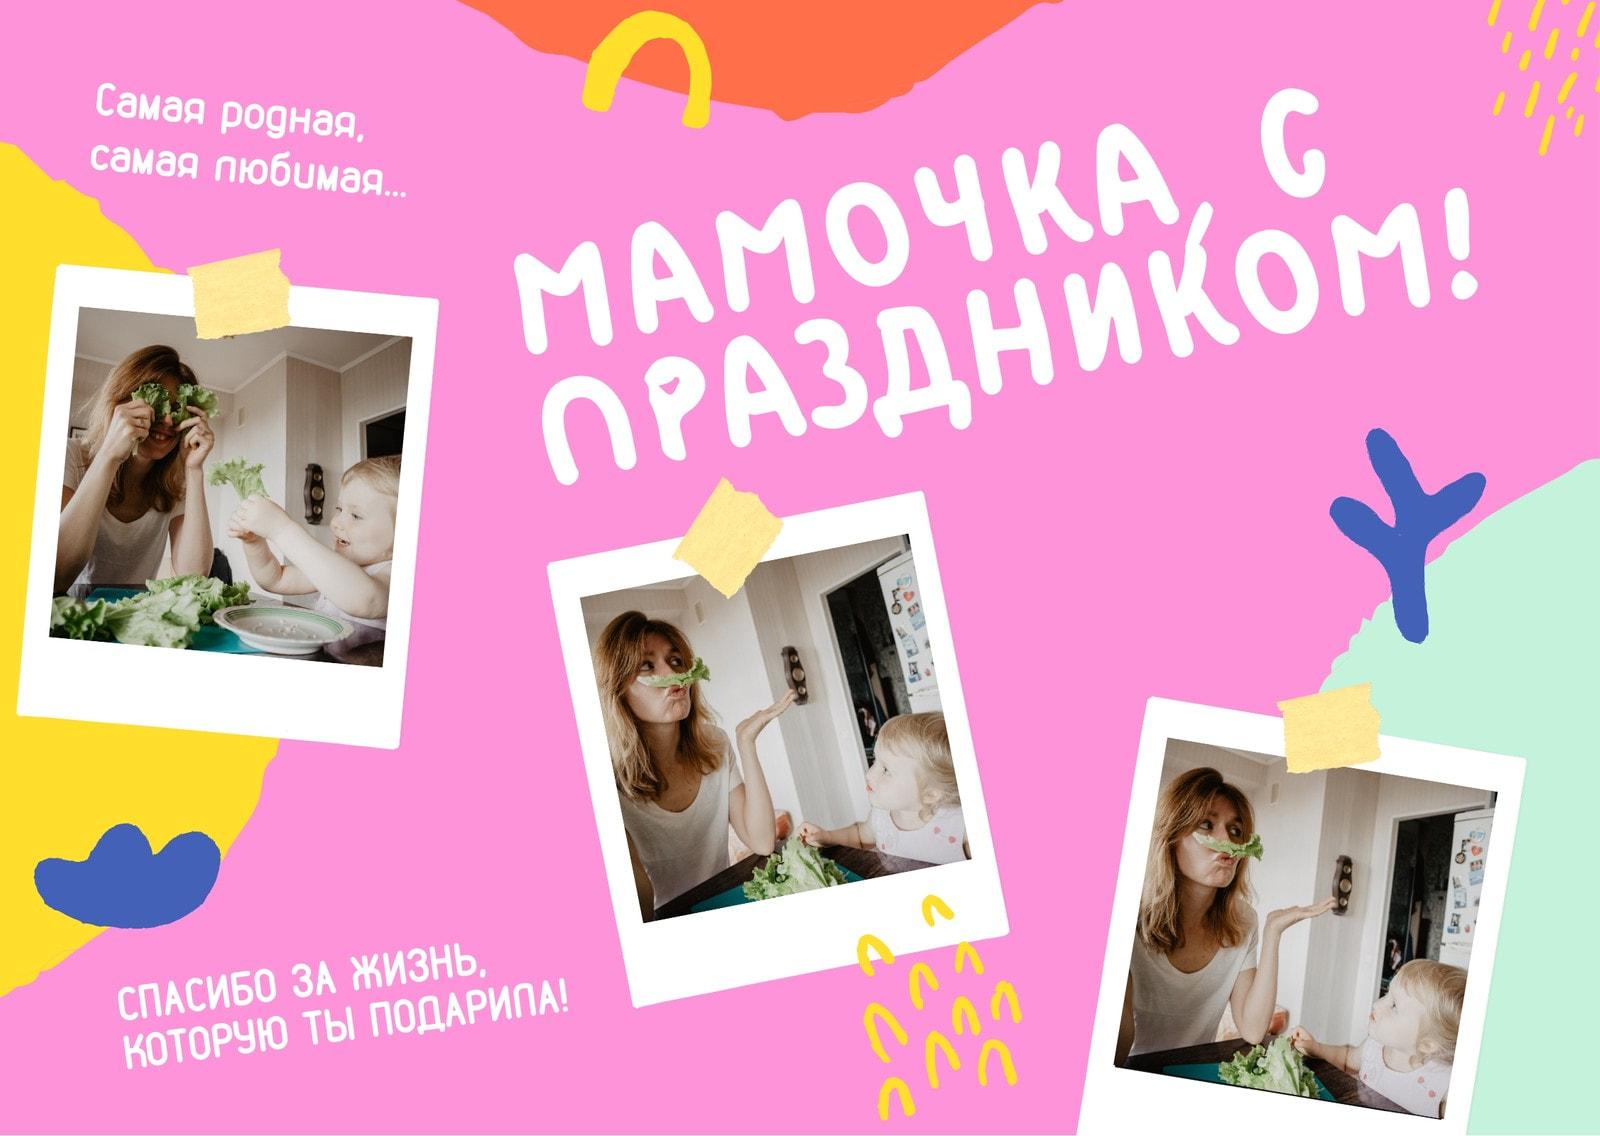 Розовая открытка на день матери с коллажем и цветной графикой